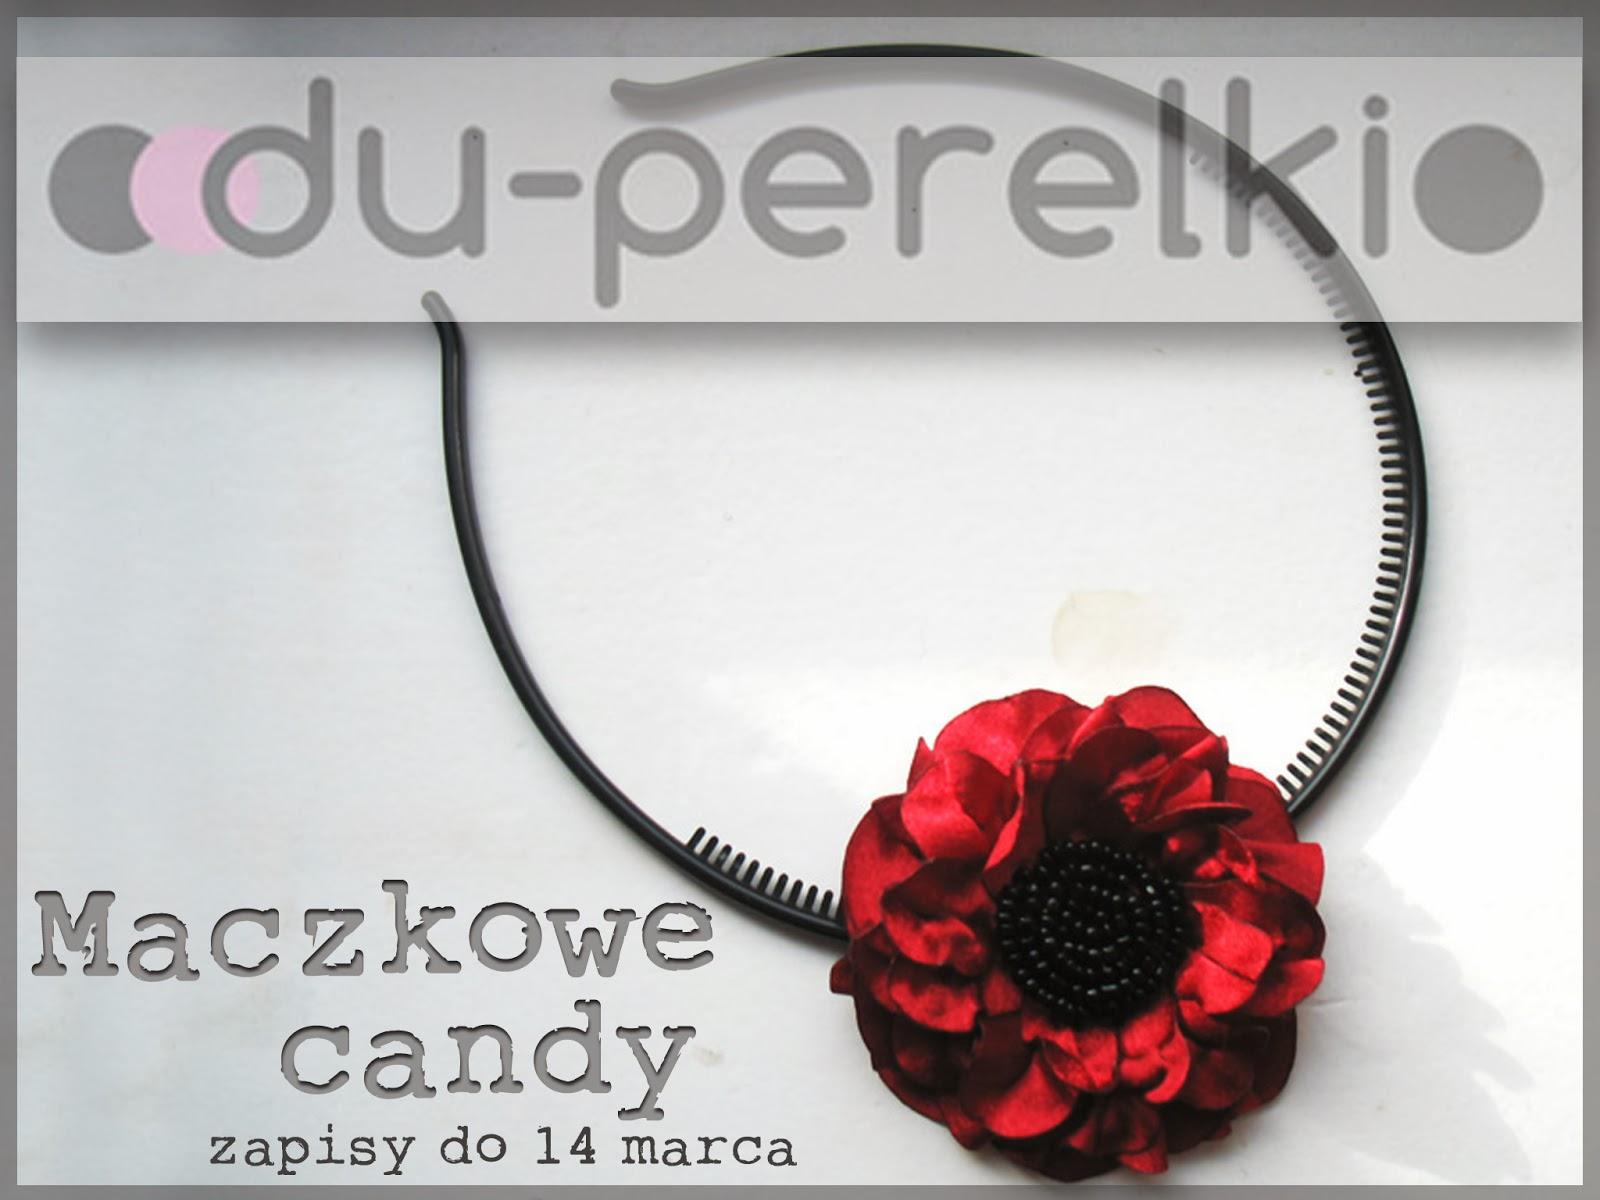 http://du-perelki.blogspot.com/2014/02/candy-w-czerwieniach.html